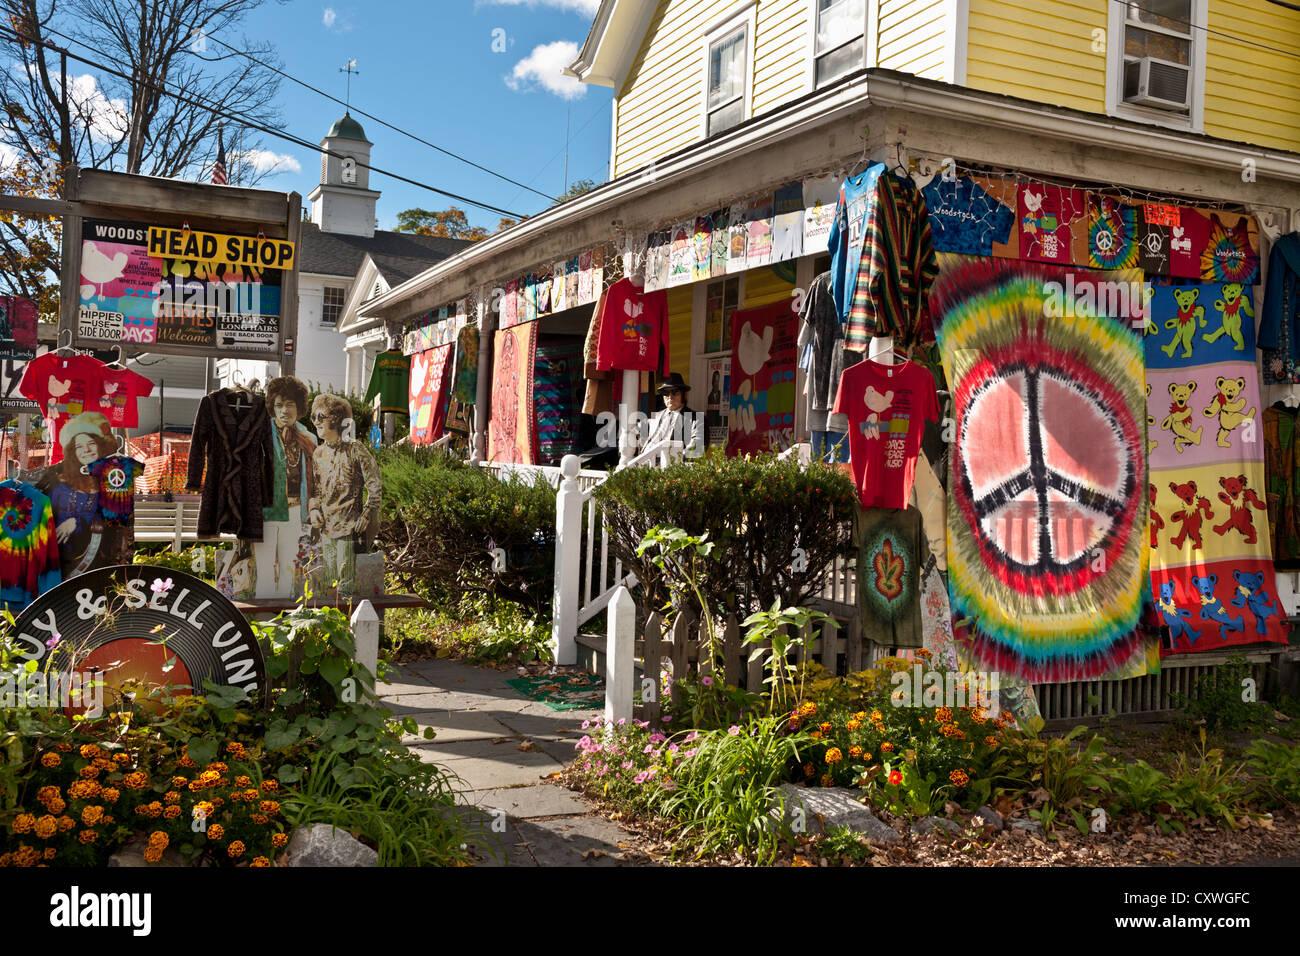 Un 'head shop' en Woodstock, Estado de Nueva York, en los Catskills Imagen De Stock